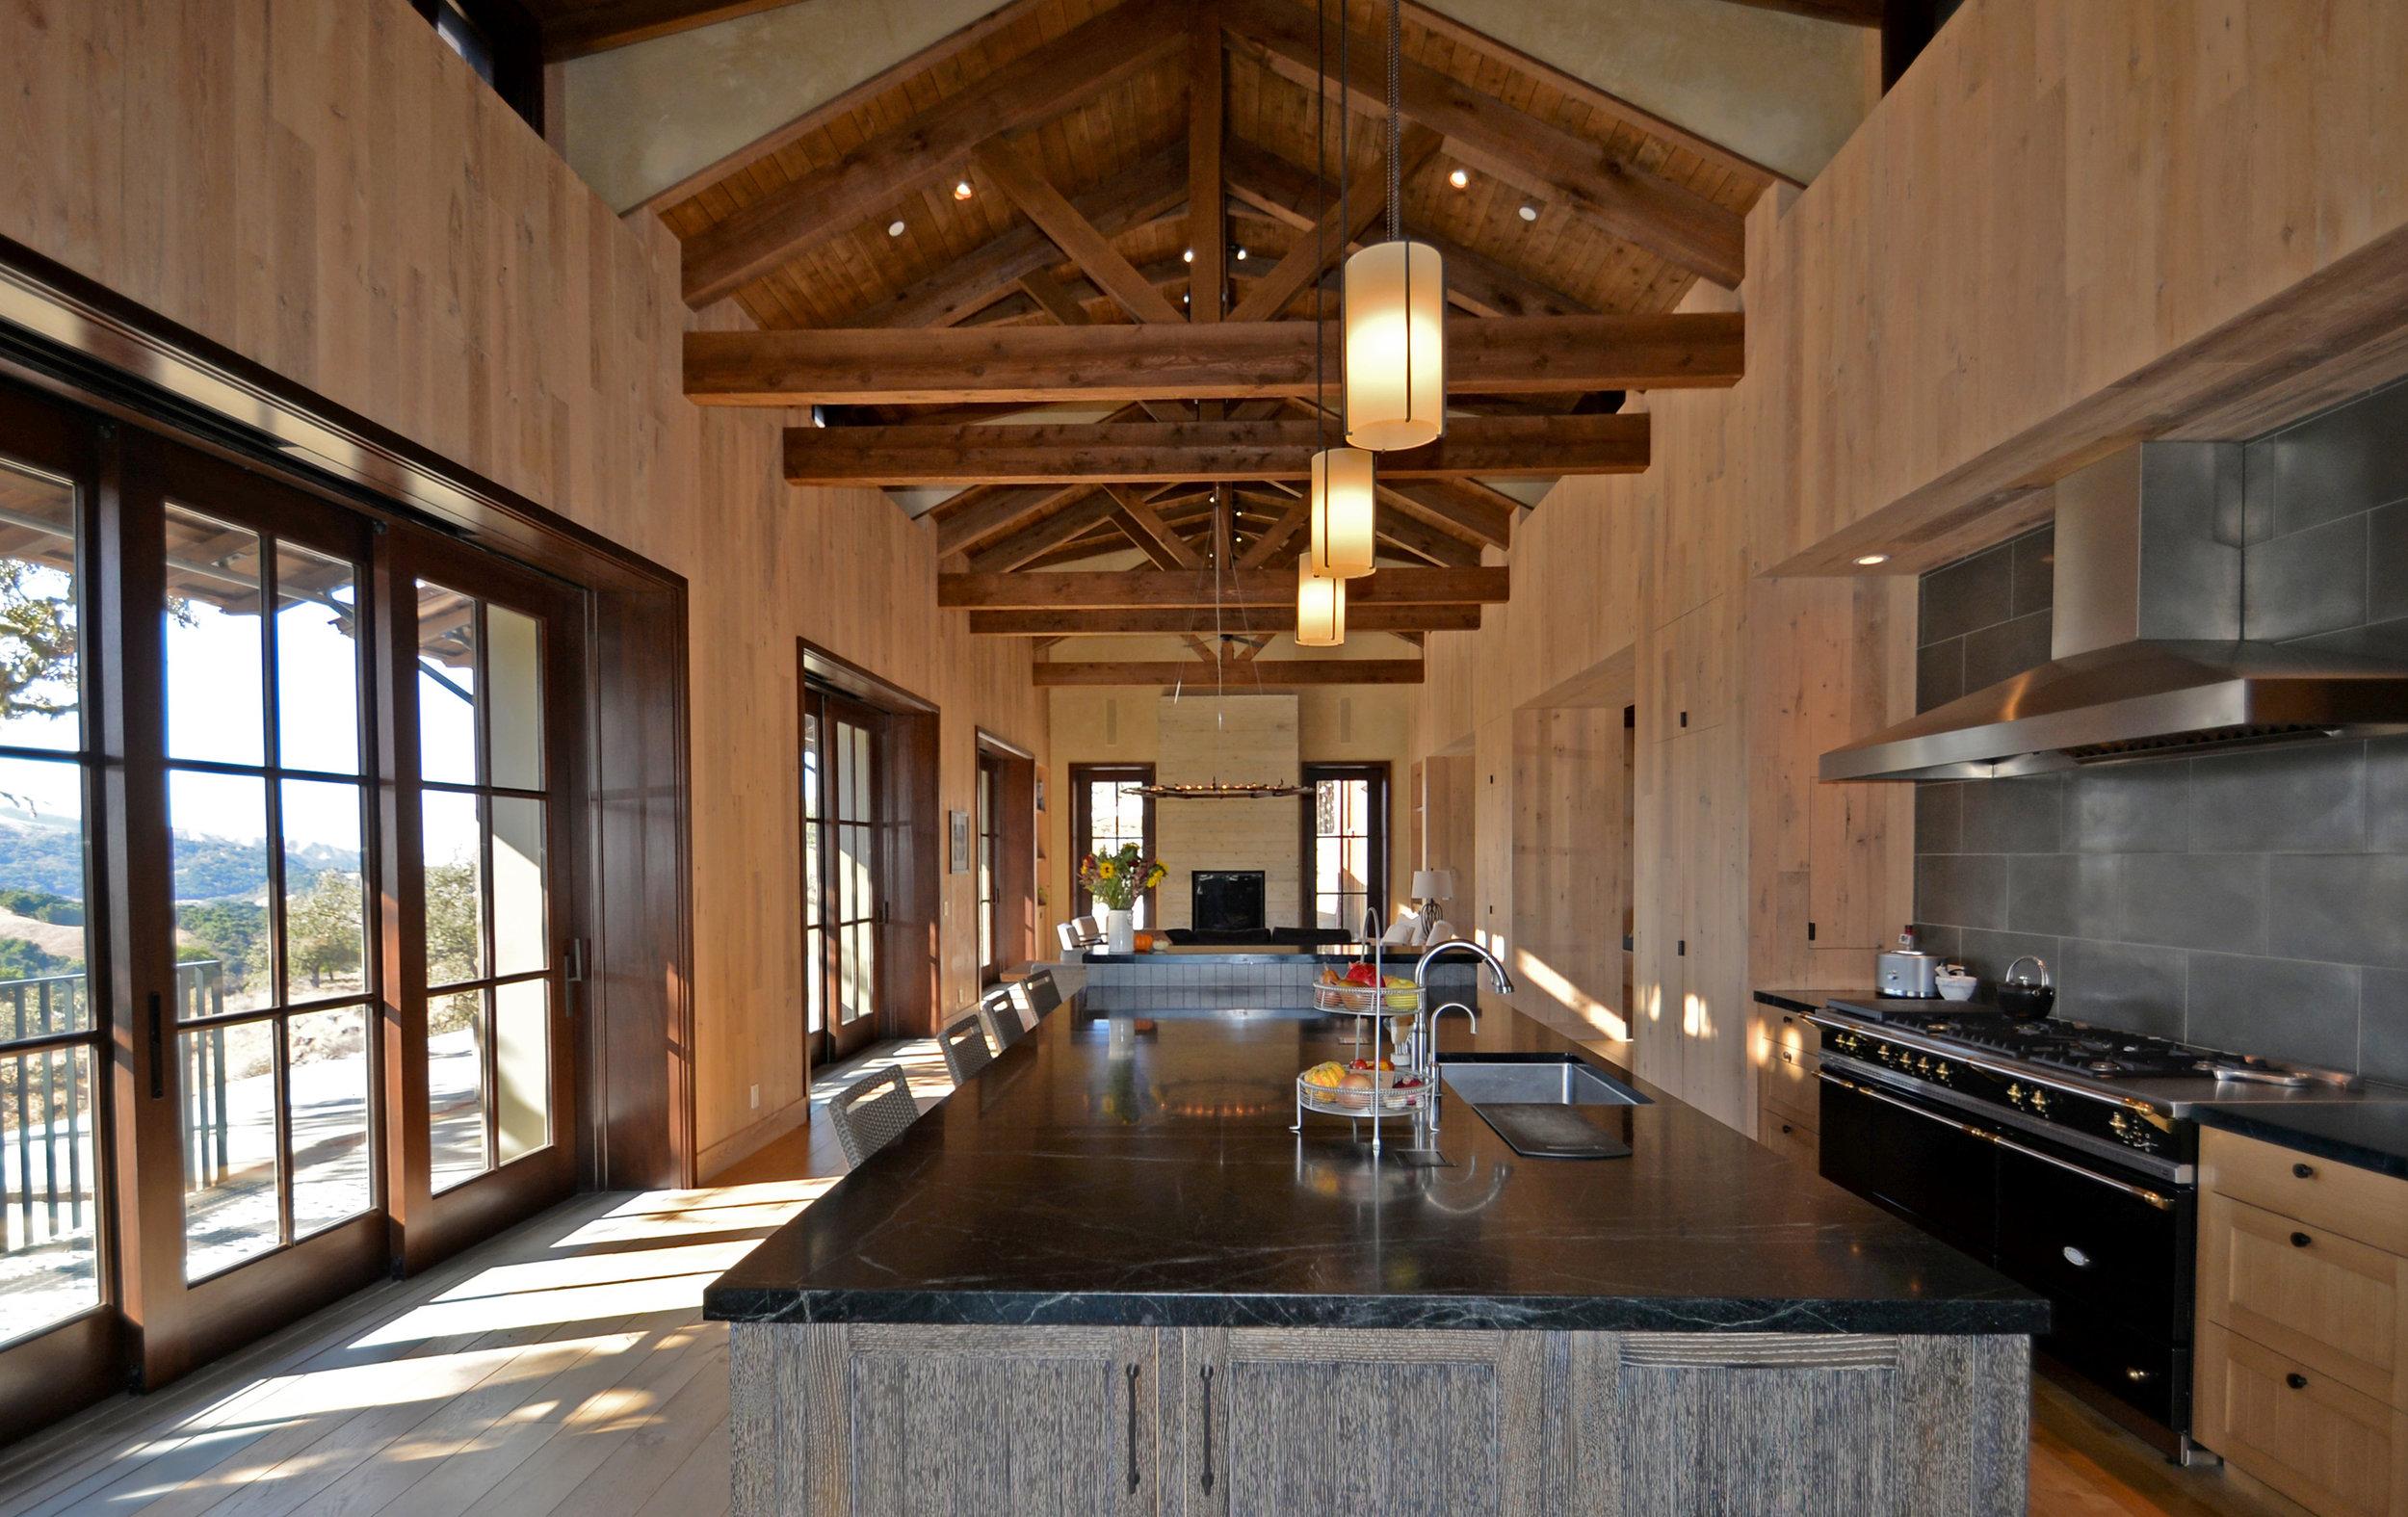 Watkins_Interior_Kitchen_2.jpg